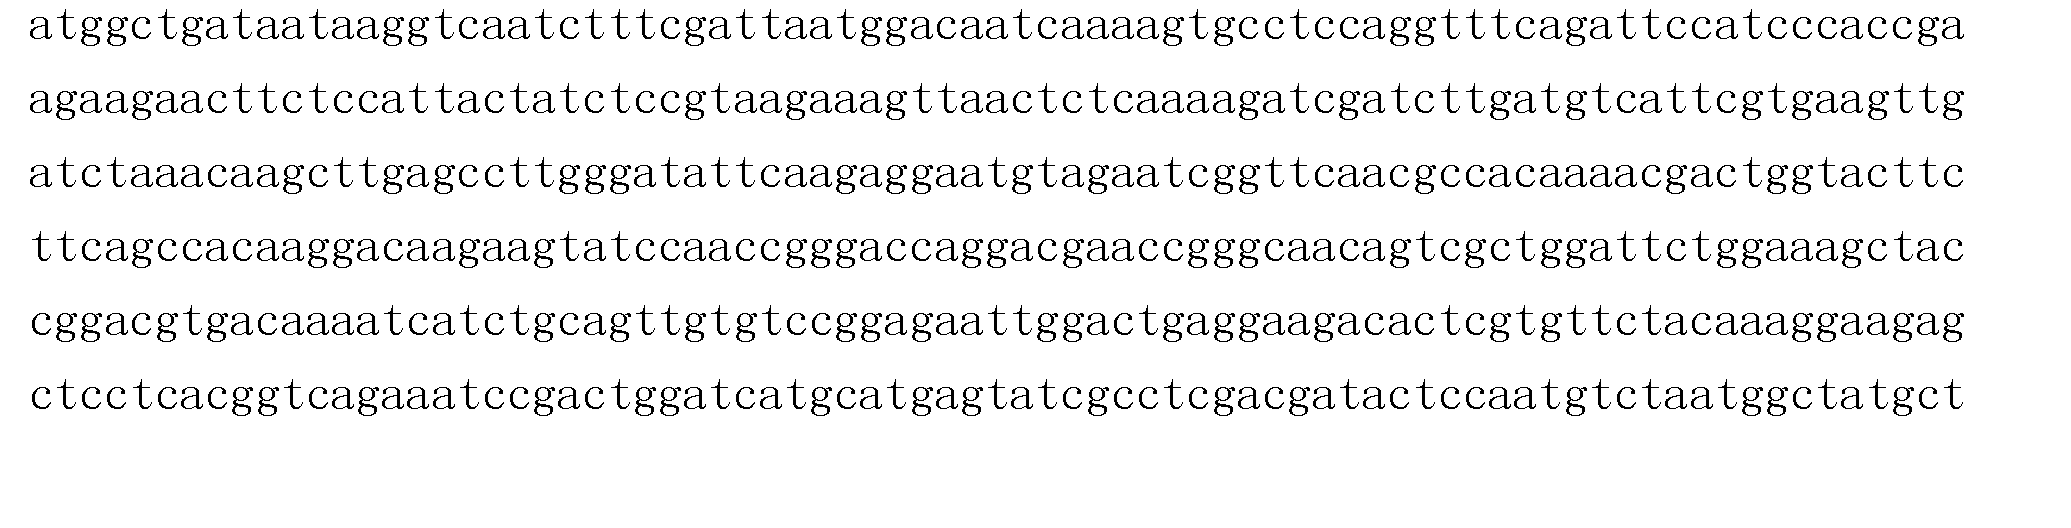 Figure CN103403016BD00583